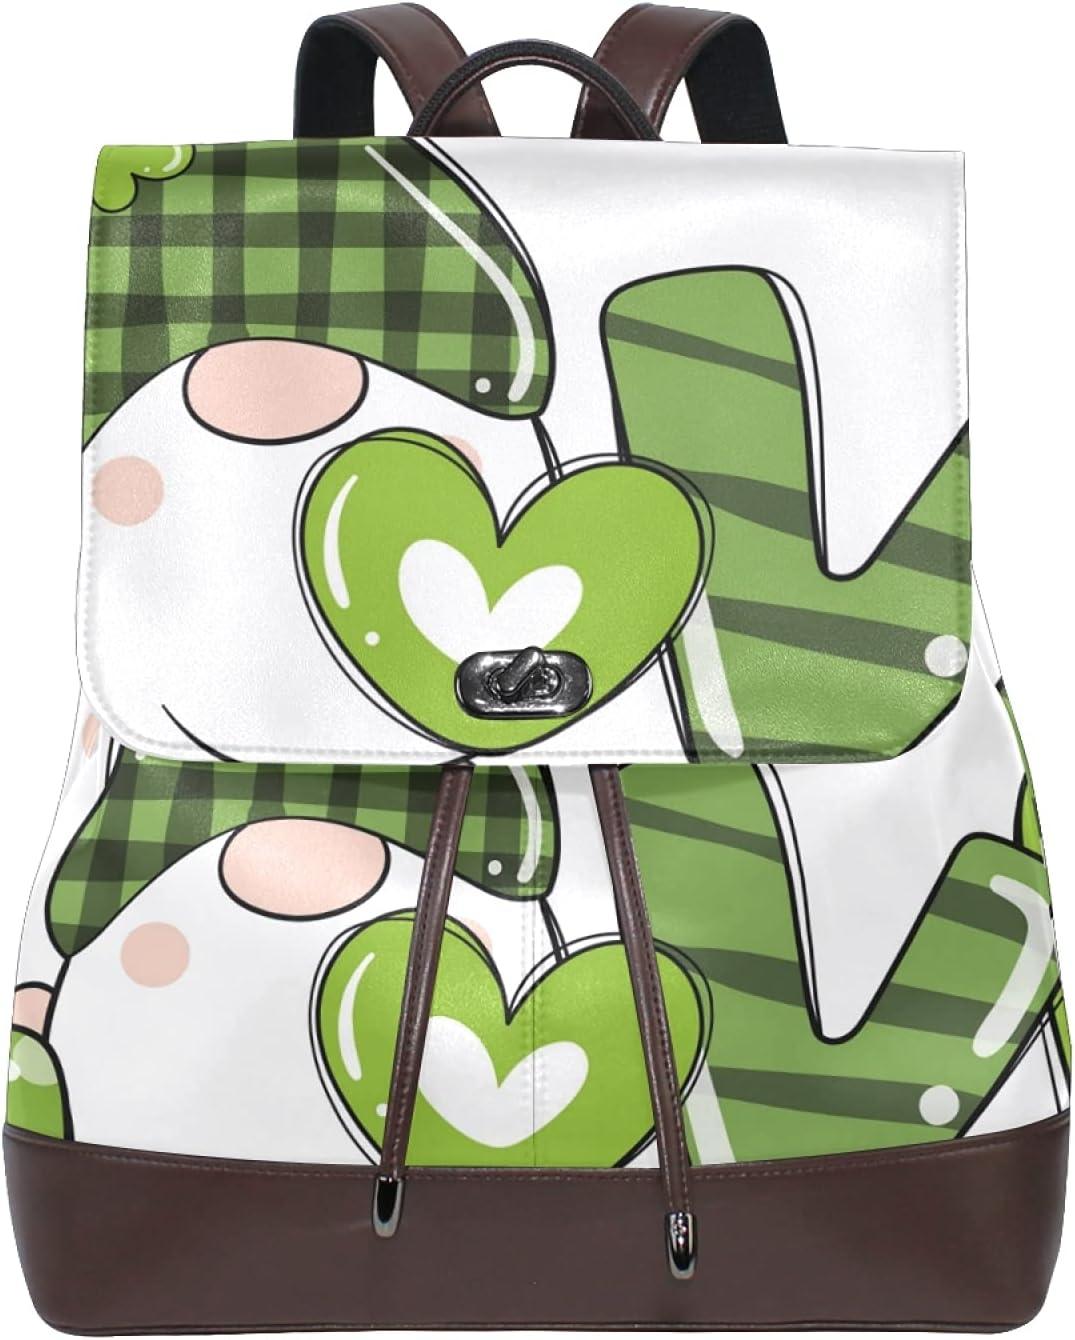 Women Leather Backpack Ladies Fashion Shoulder Bag Large Travel Bag St Patrick's Day Gnomes Clover Leaf